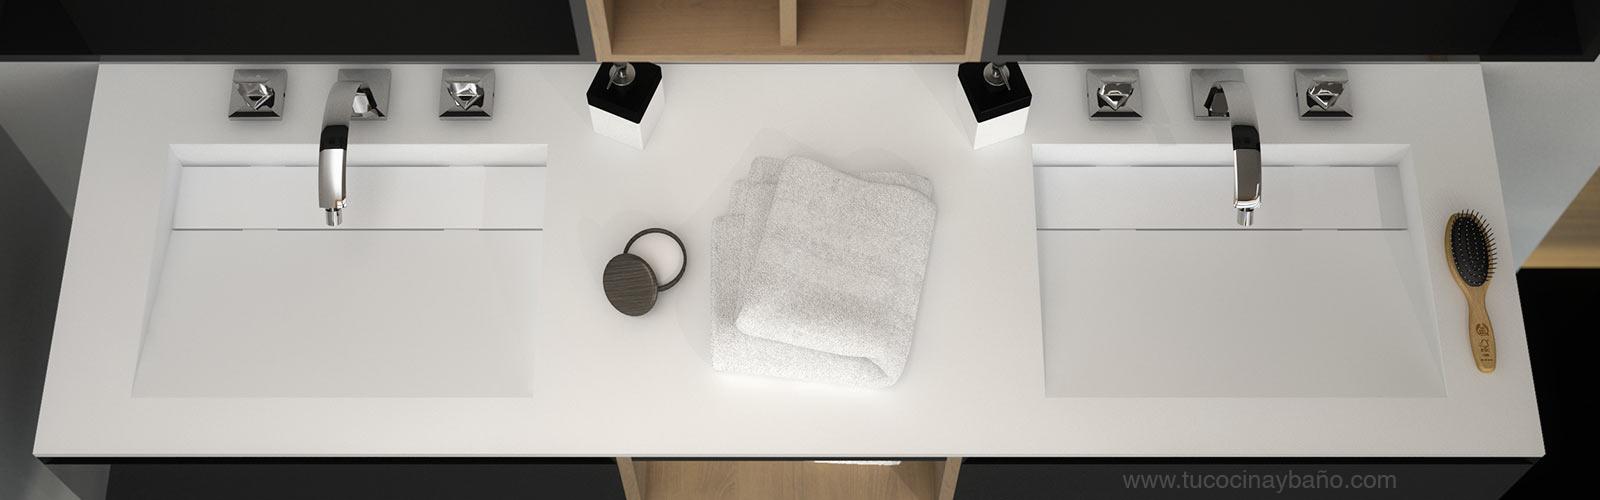 lavabo encimera doble seno